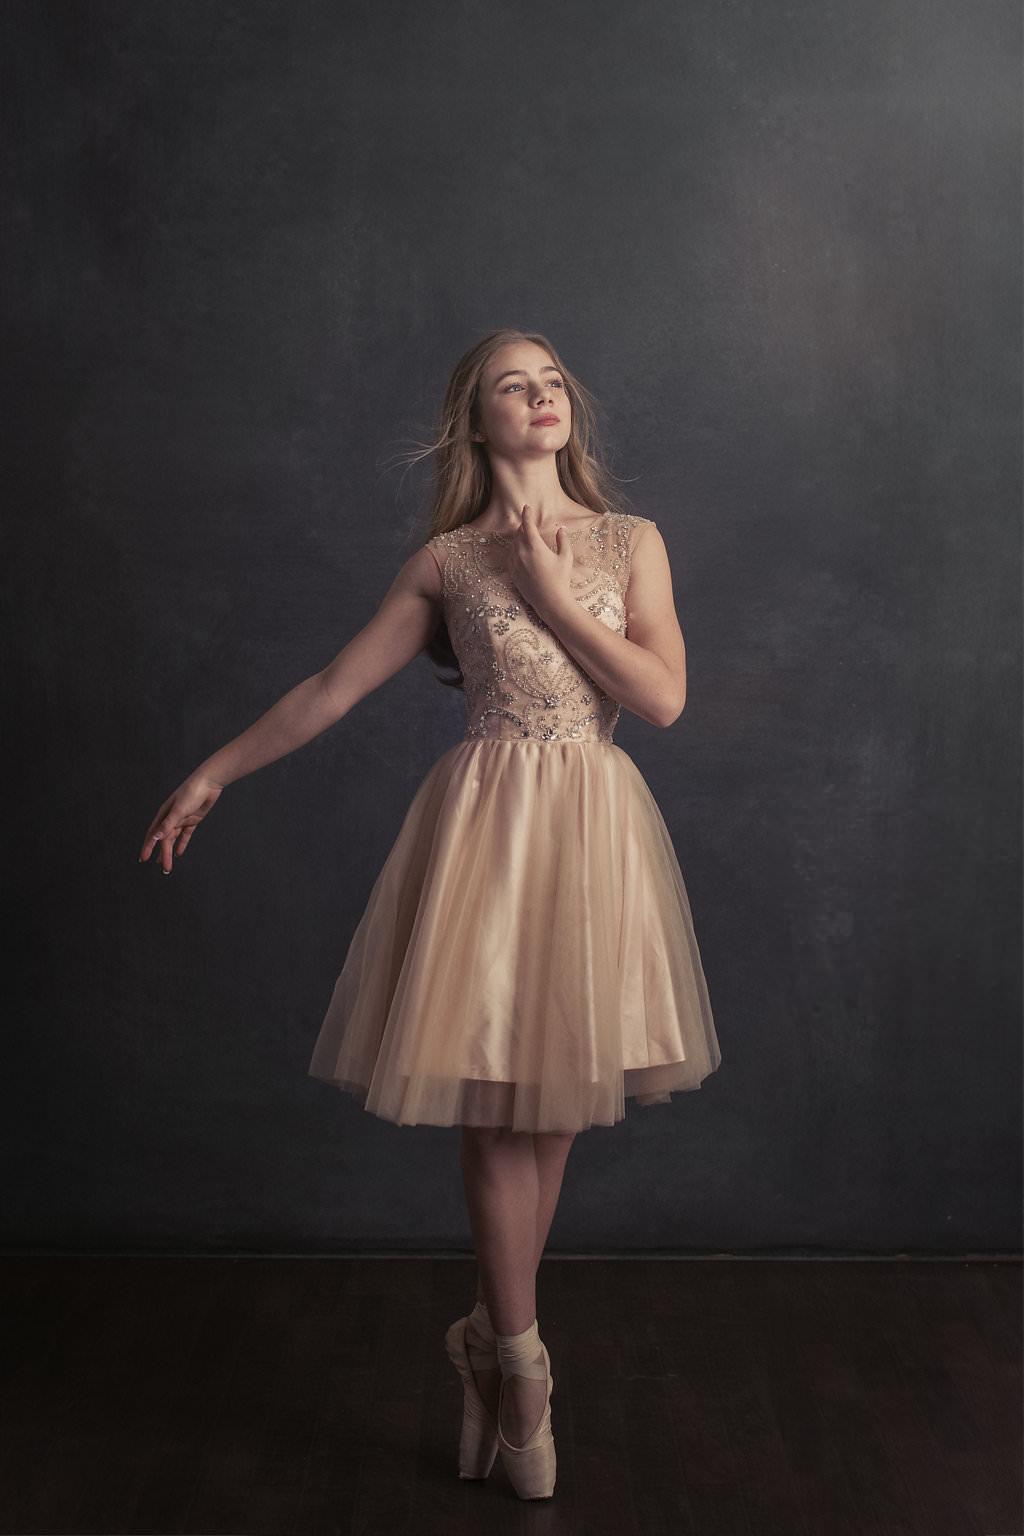 fotograf_dans_ballett_6